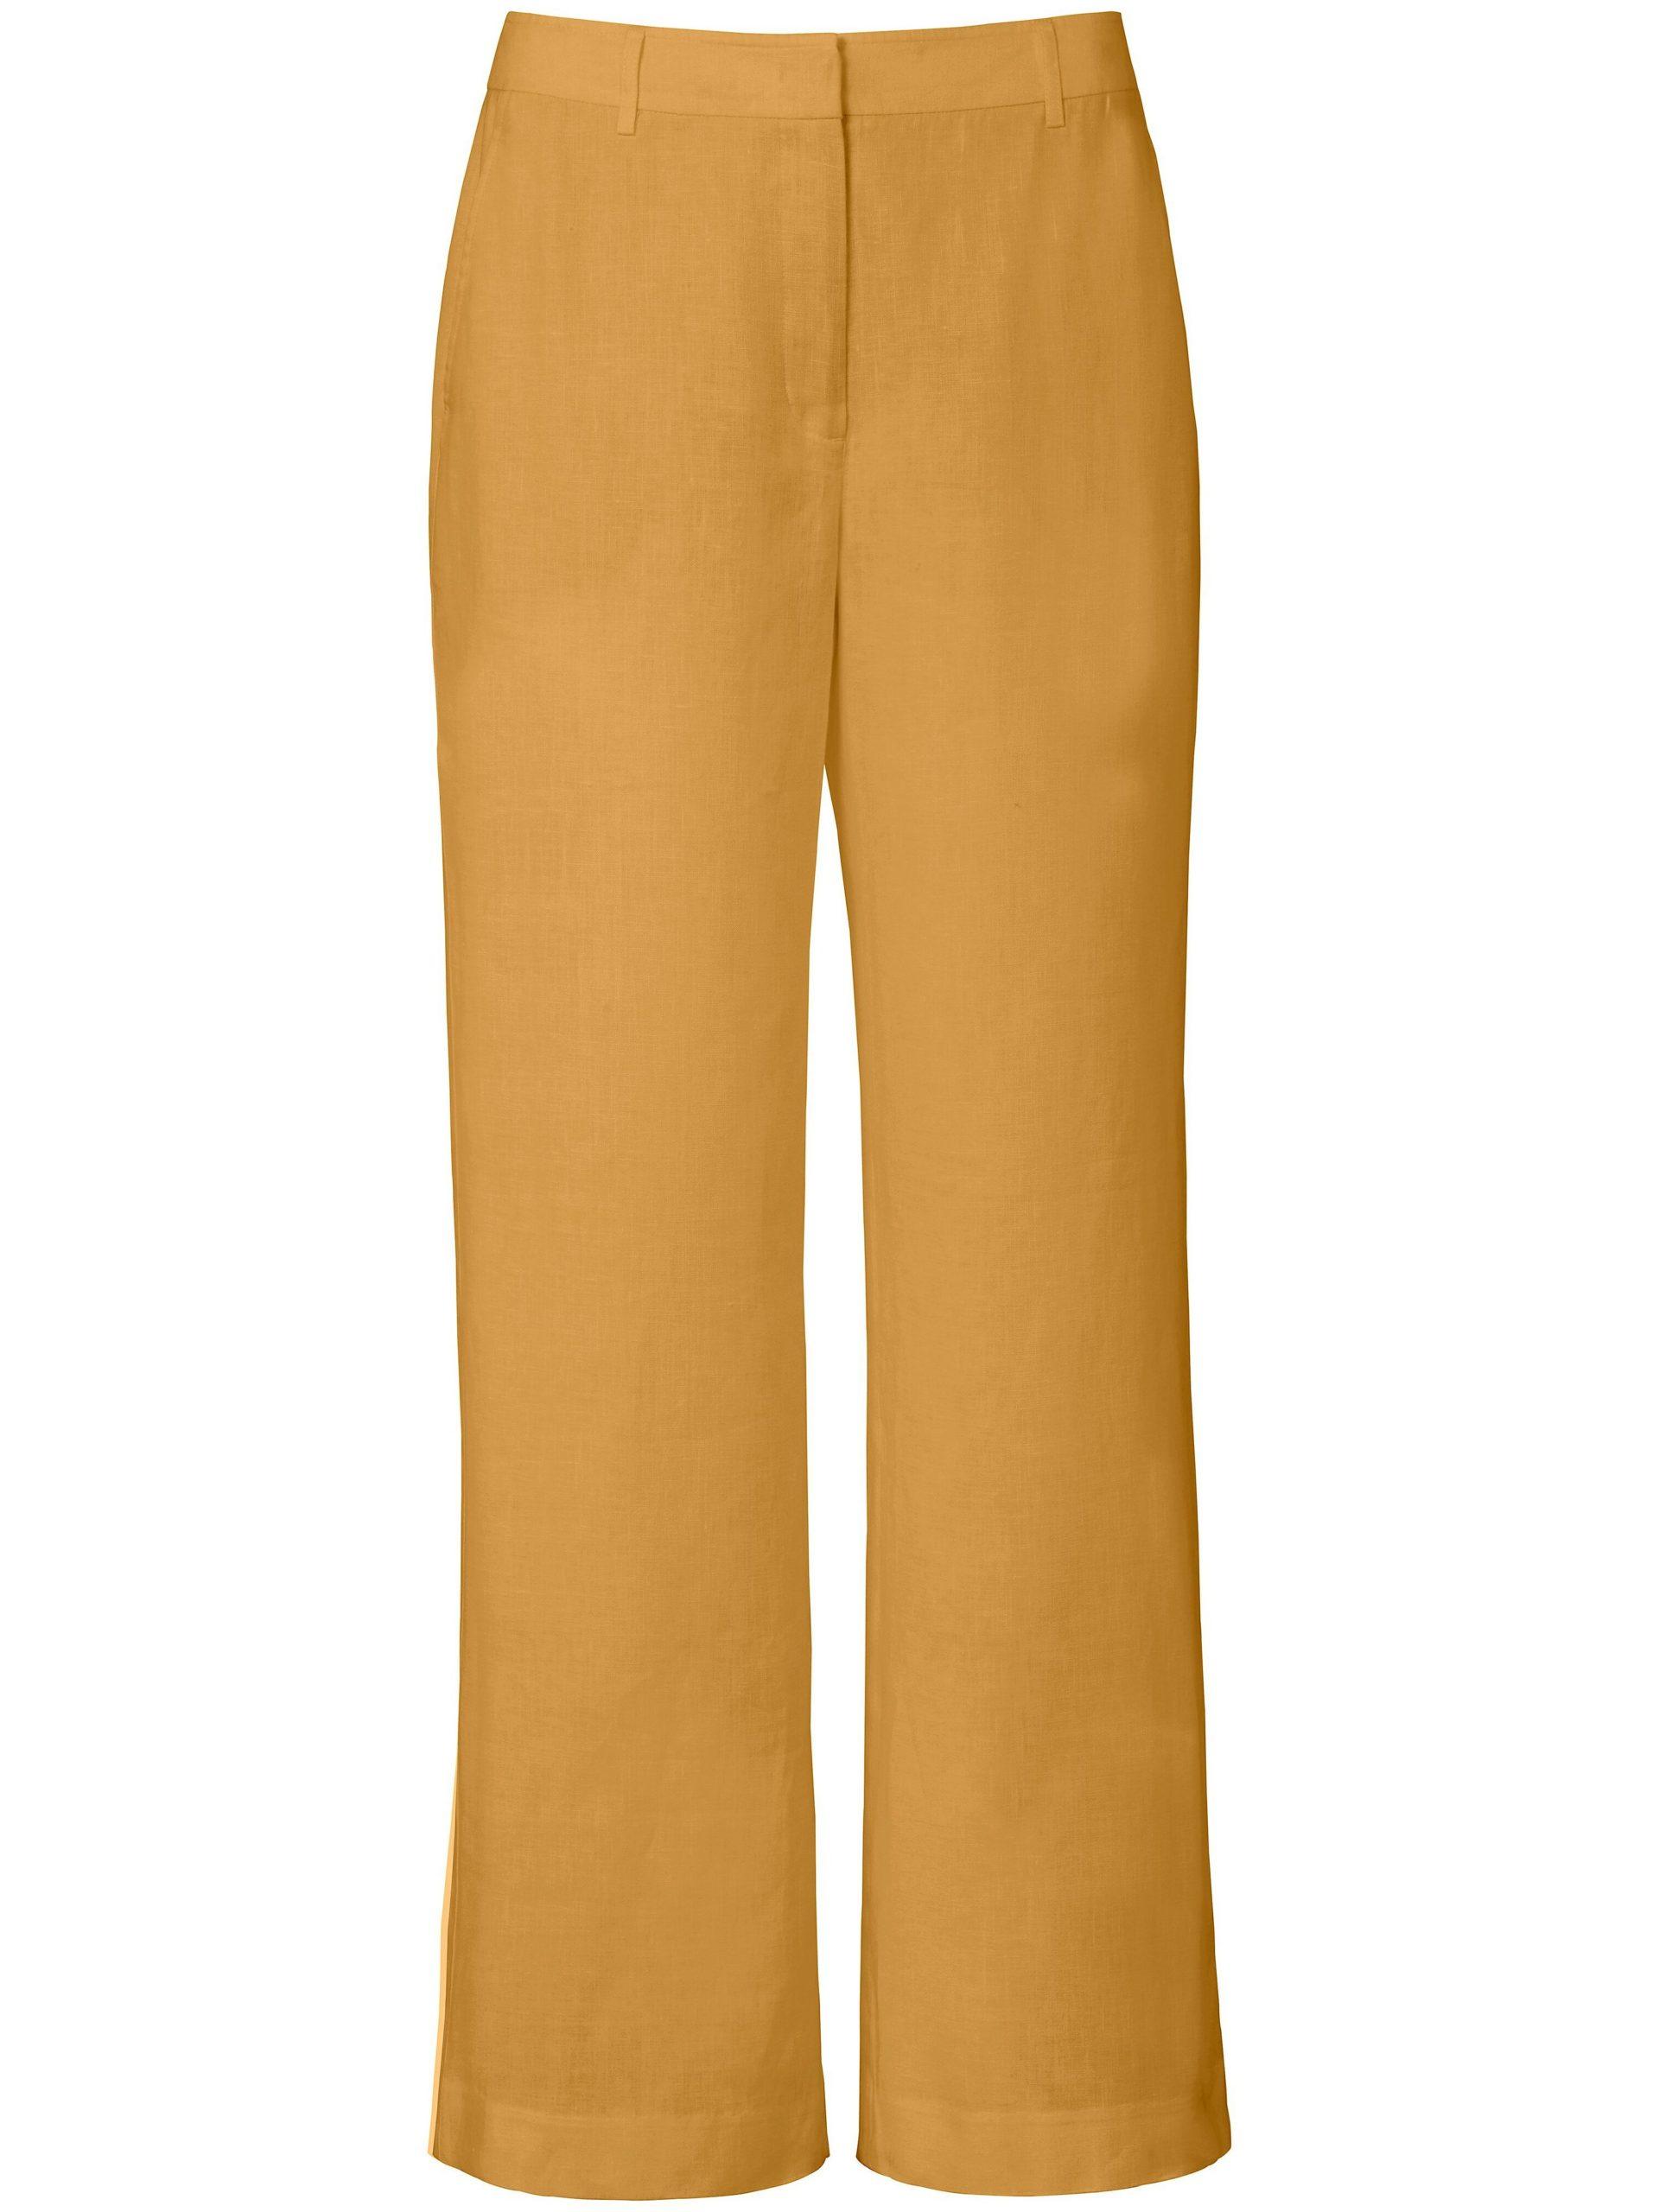 Broek pasvorm Cornelia van 100% linnen Van Peter Hahn geel Kopen